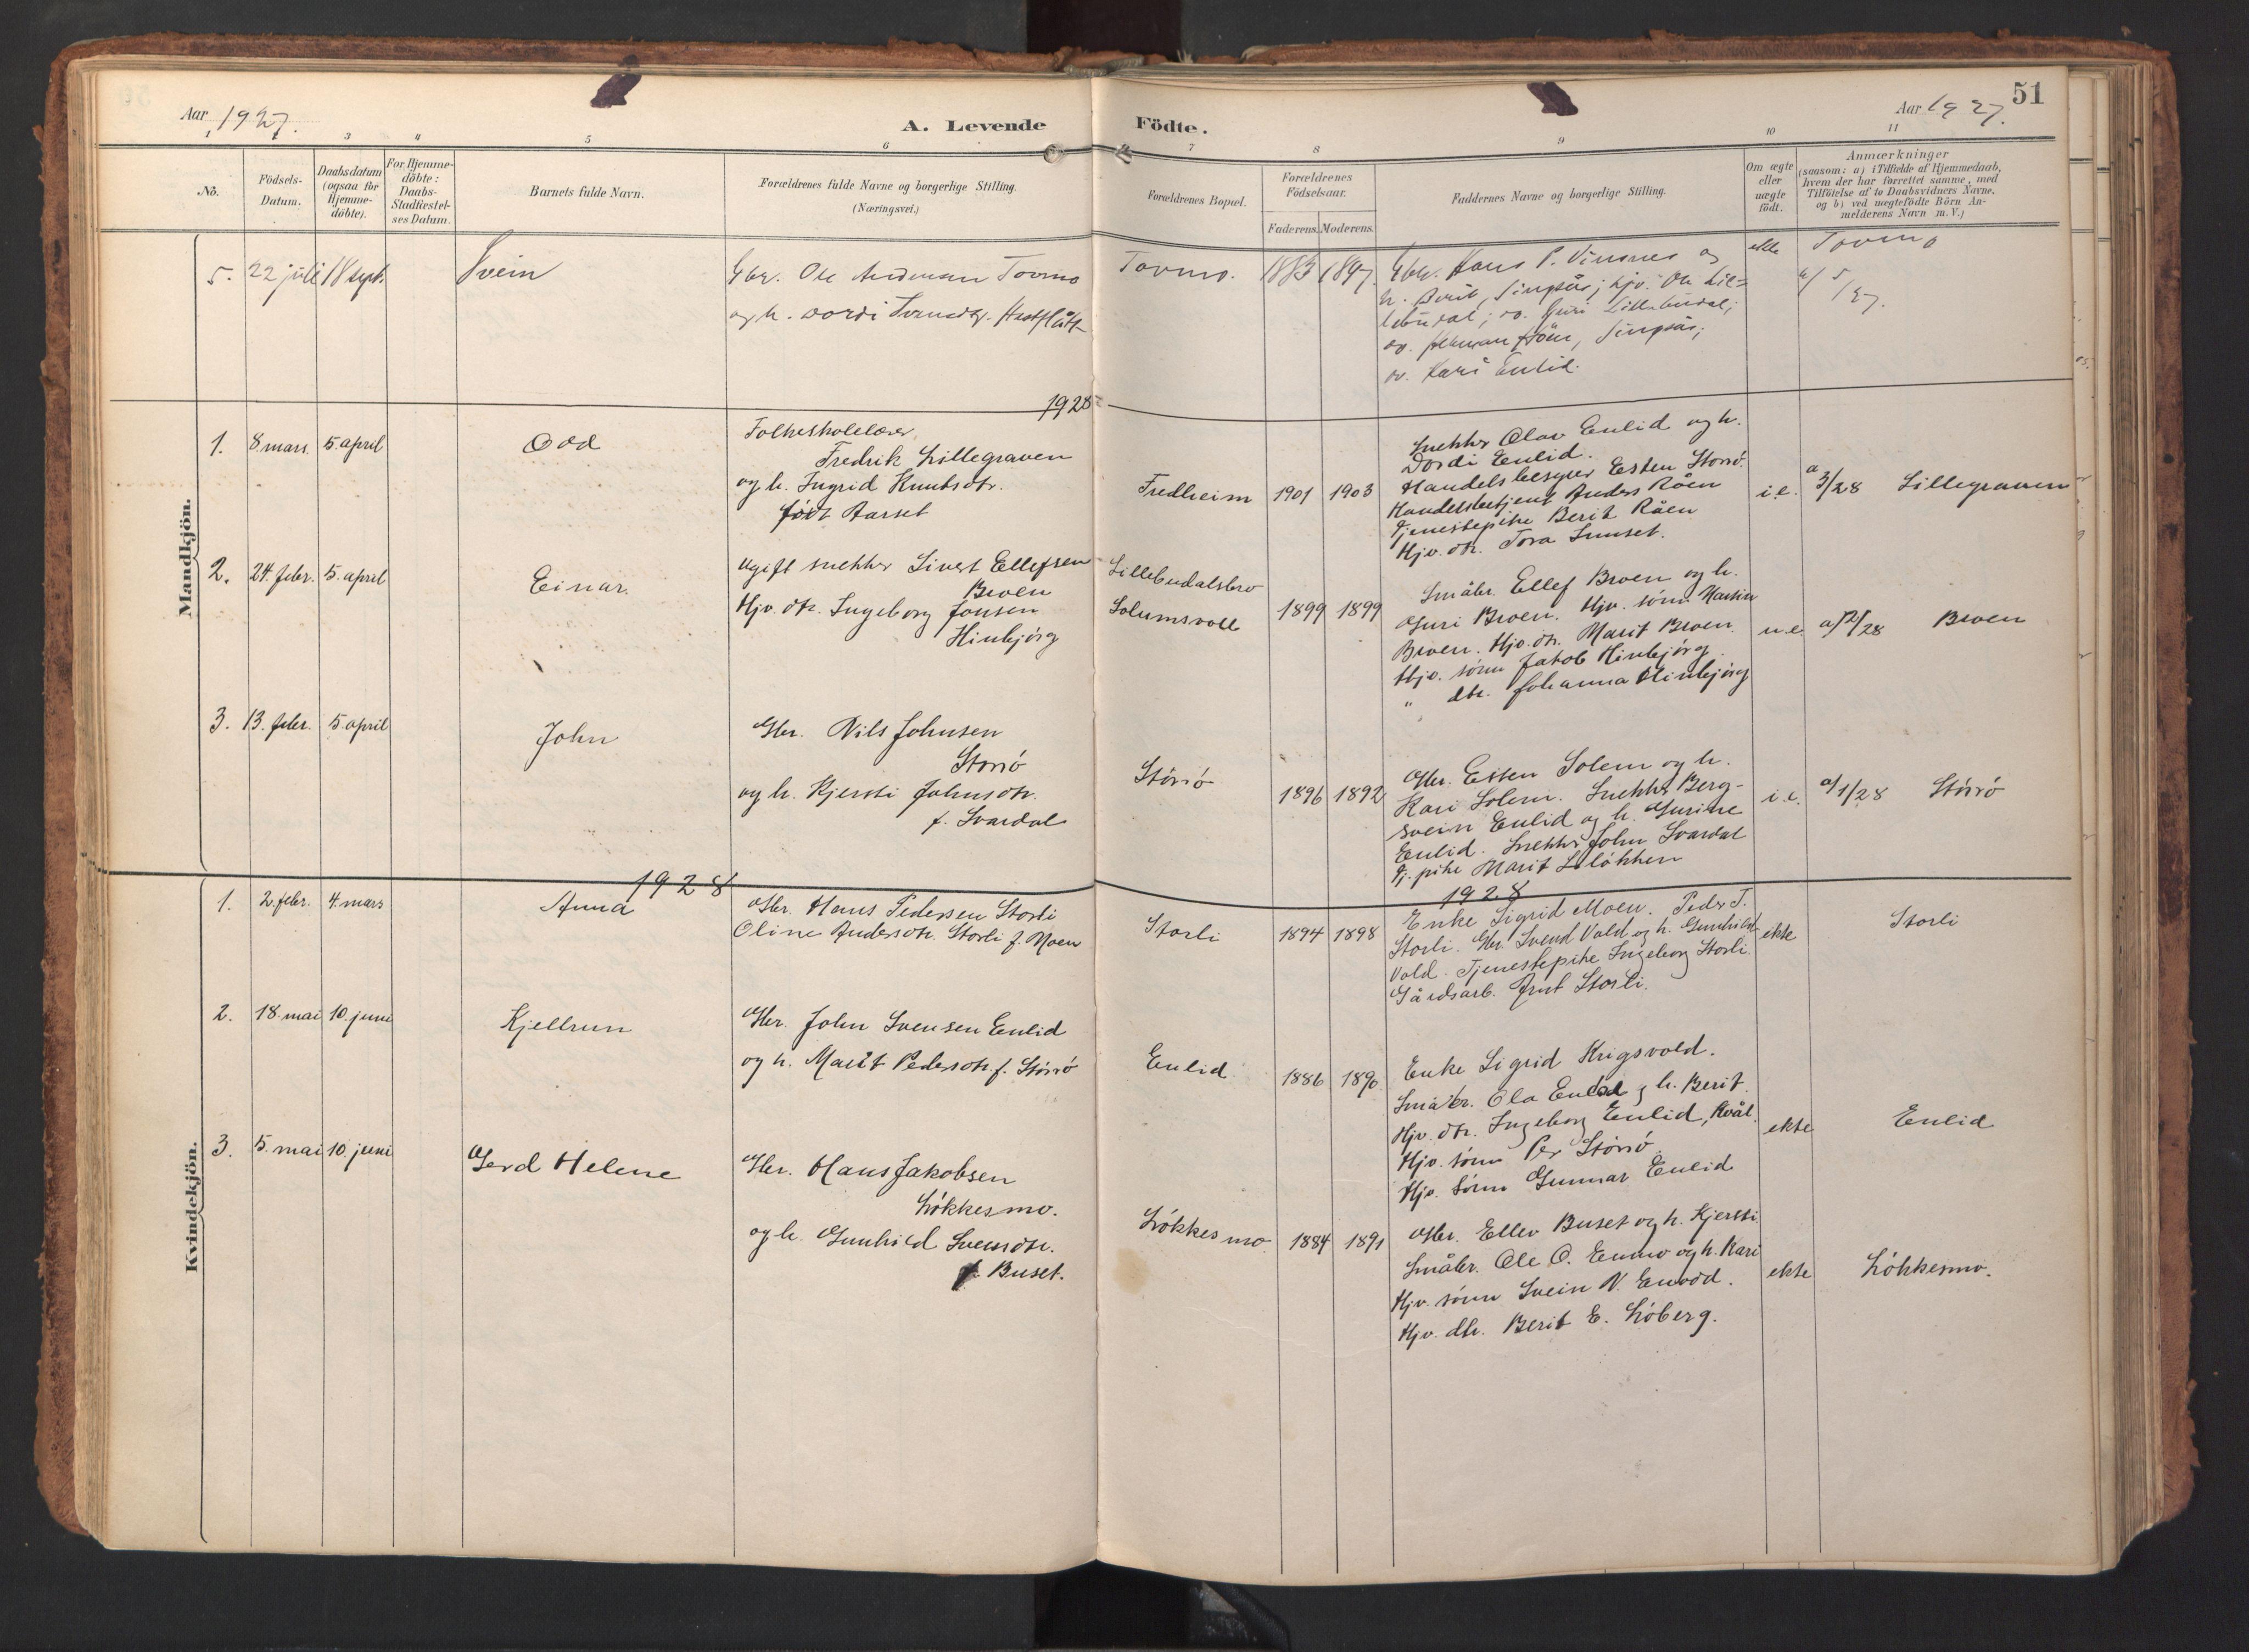 SAT, Ministerialprotokoller, klokkerbøker og fødselsregistre - Sør-Trøndelag, 690/L1050: Ministerialbok nr. 690A01, 1889-1929, s. 51